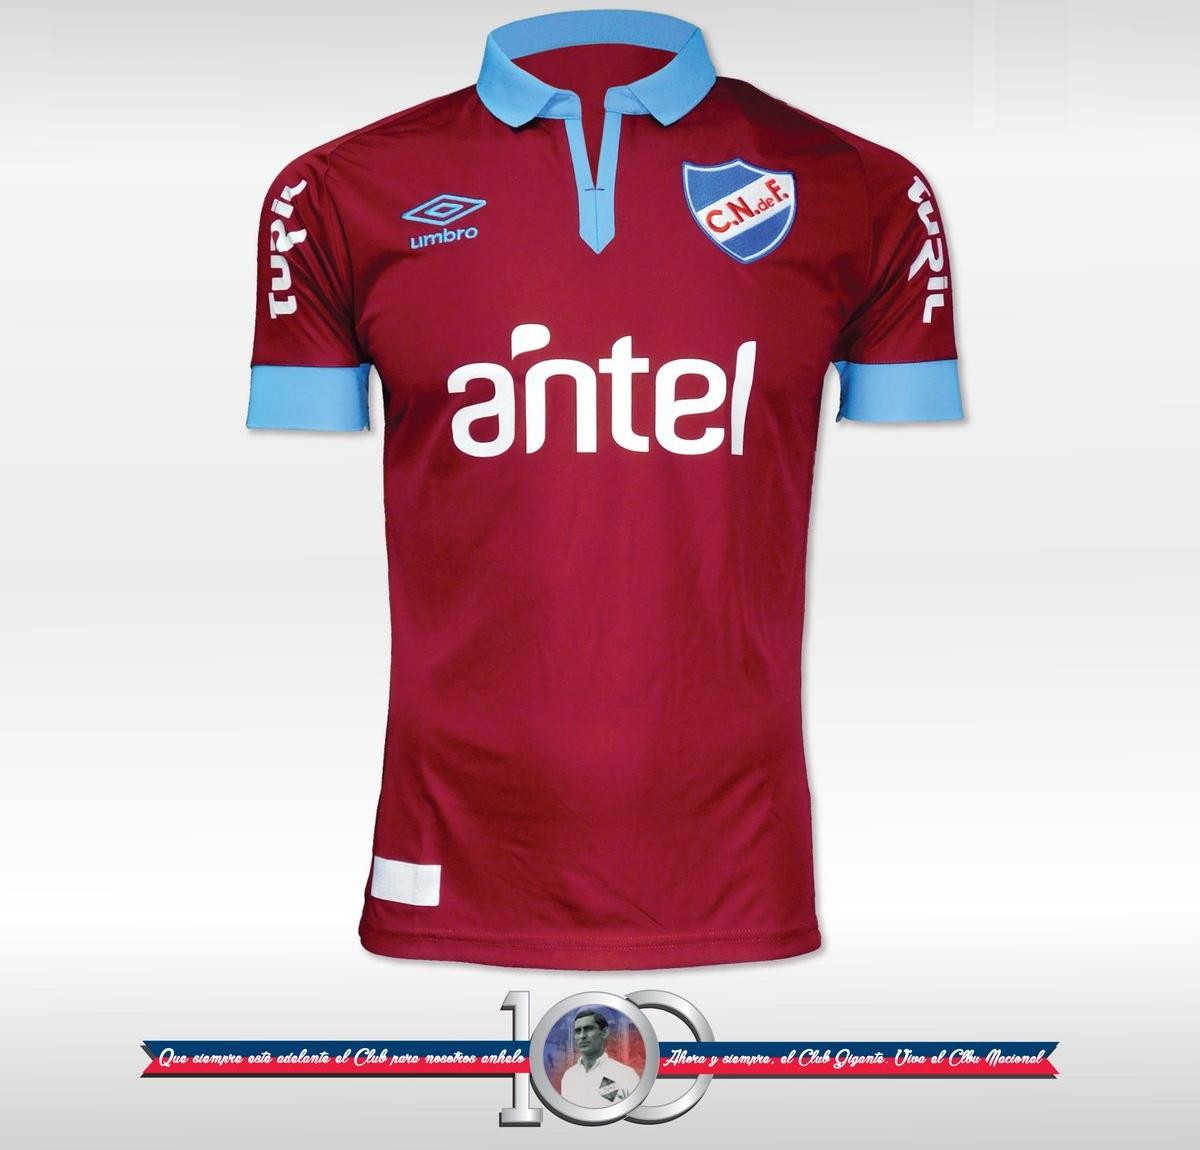 cd8ae89c6f Umbro divulga camisa especial do Nacional do Uruguai - Show de Camisas